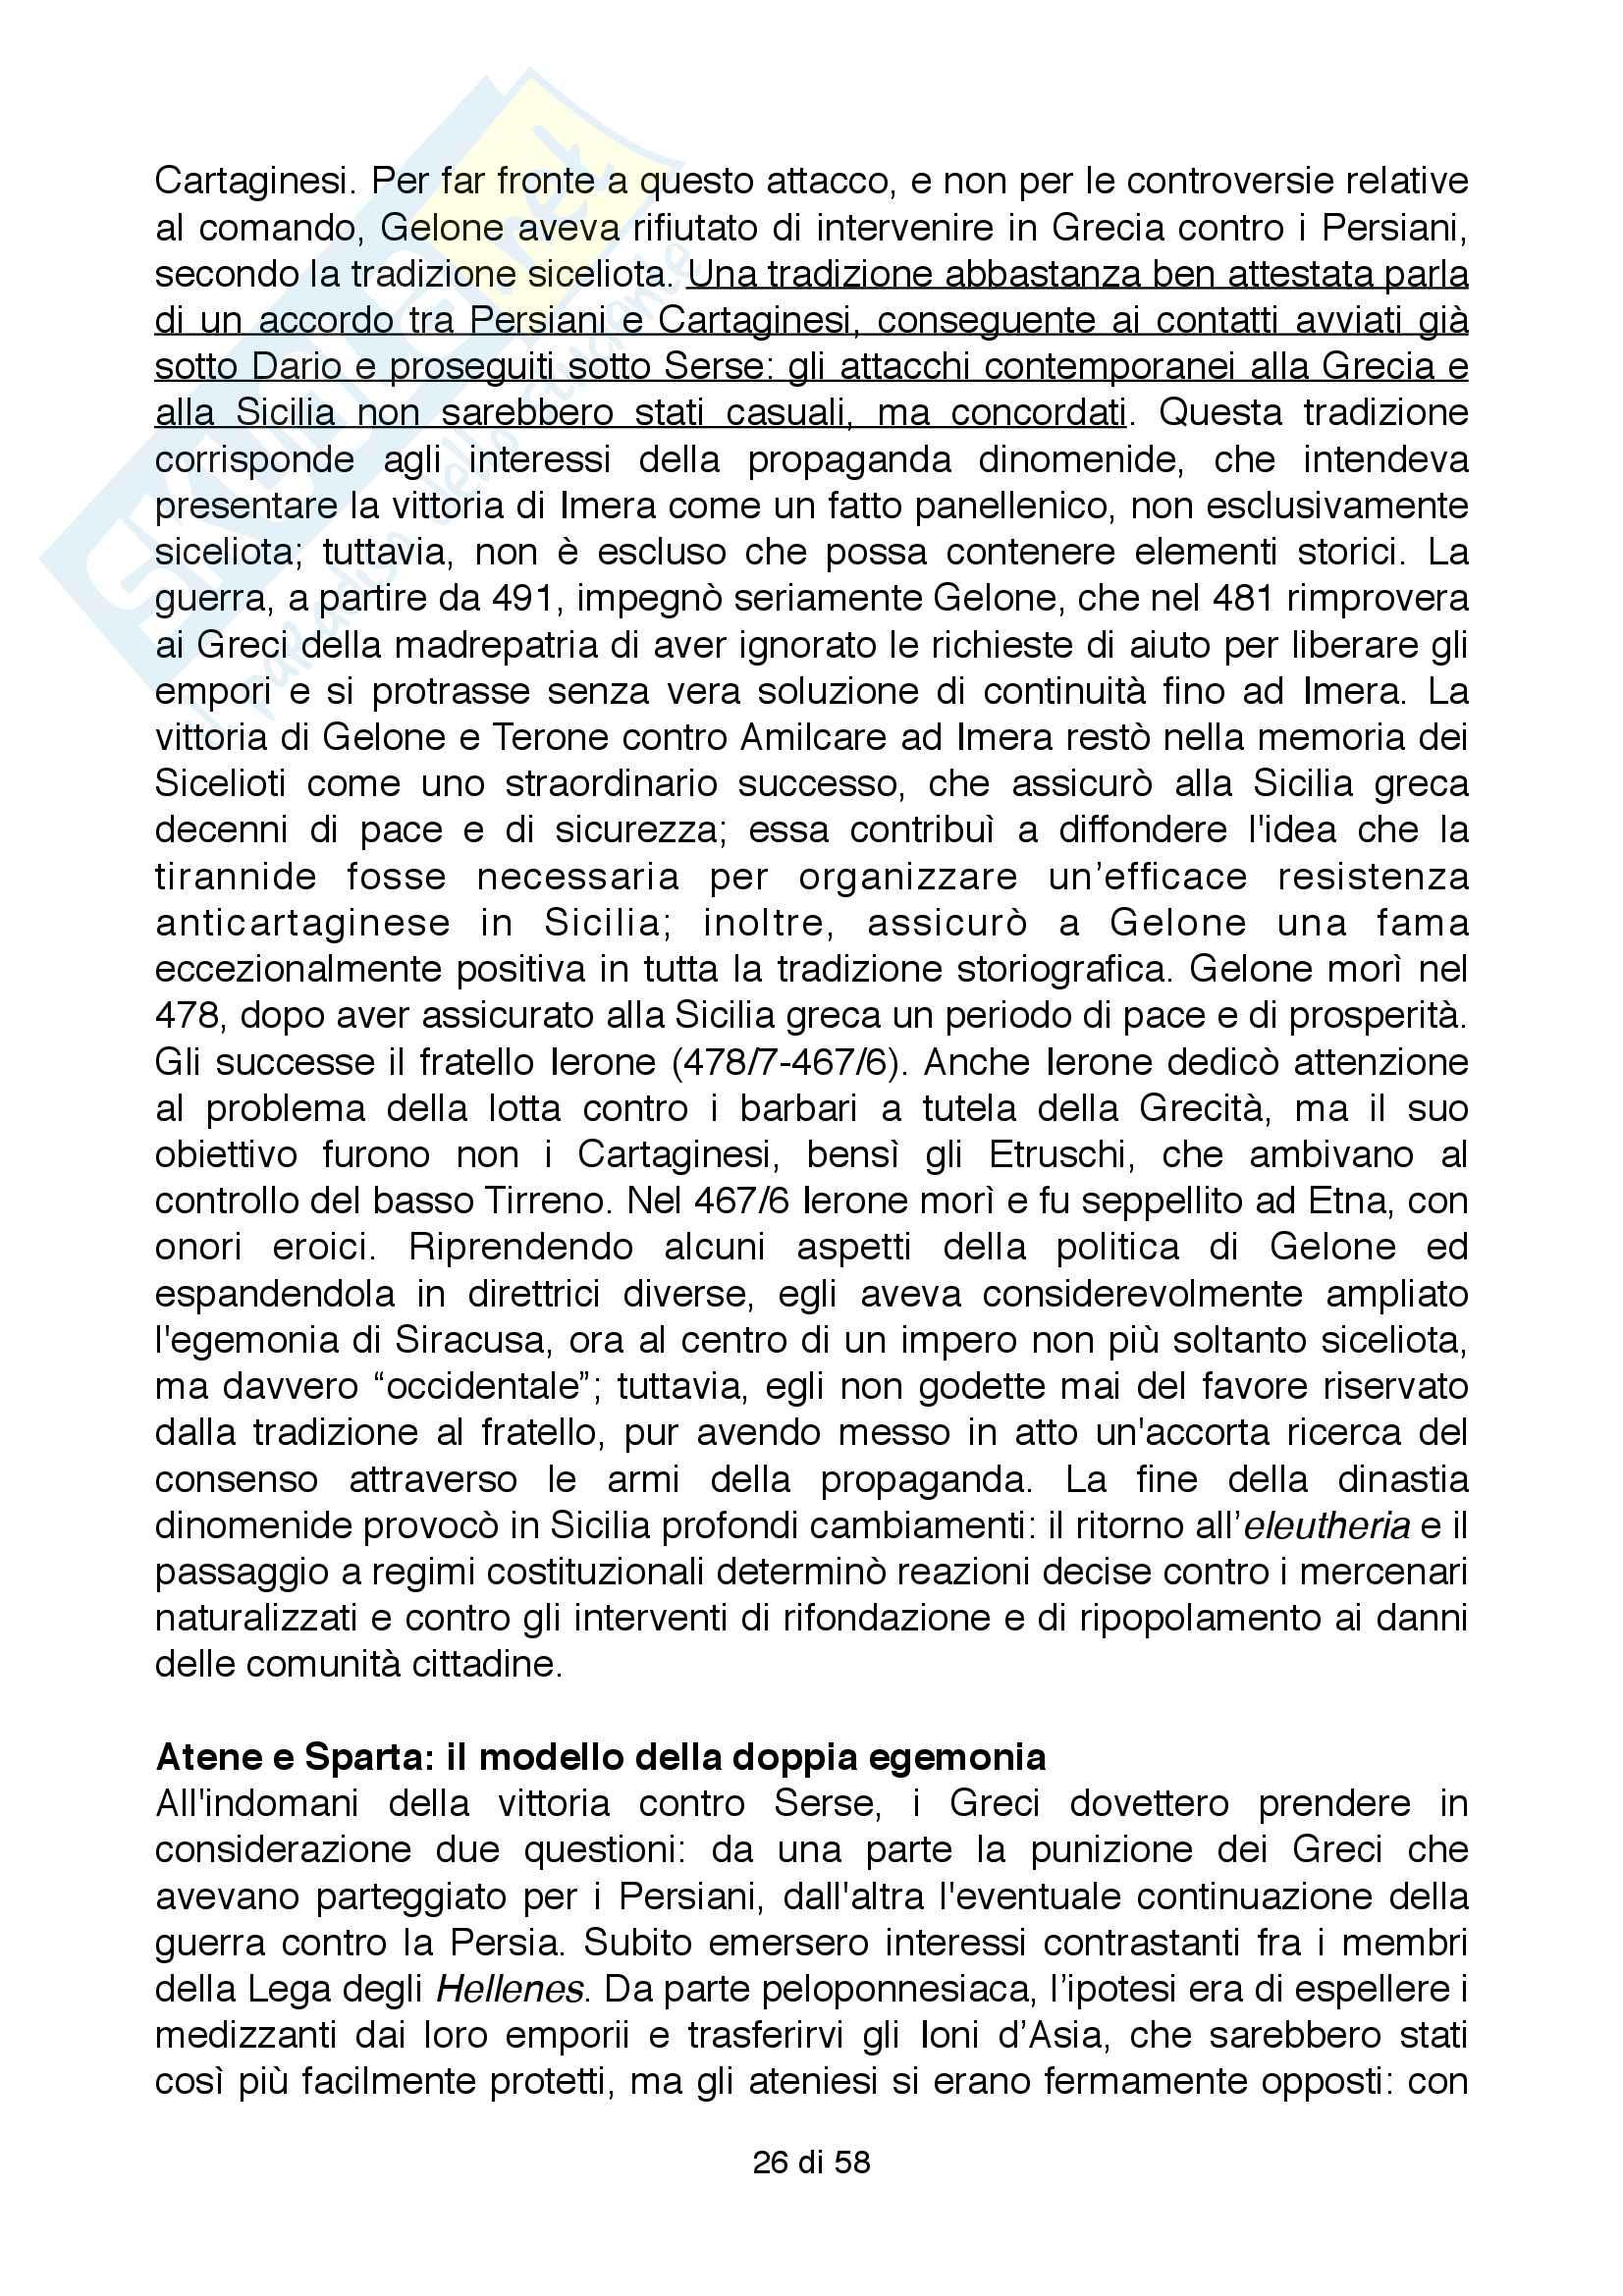 Riassunto esame Storia Greca, Docente Bianchetti Serena, Unversità degli Studi di Firenze Pag. 26